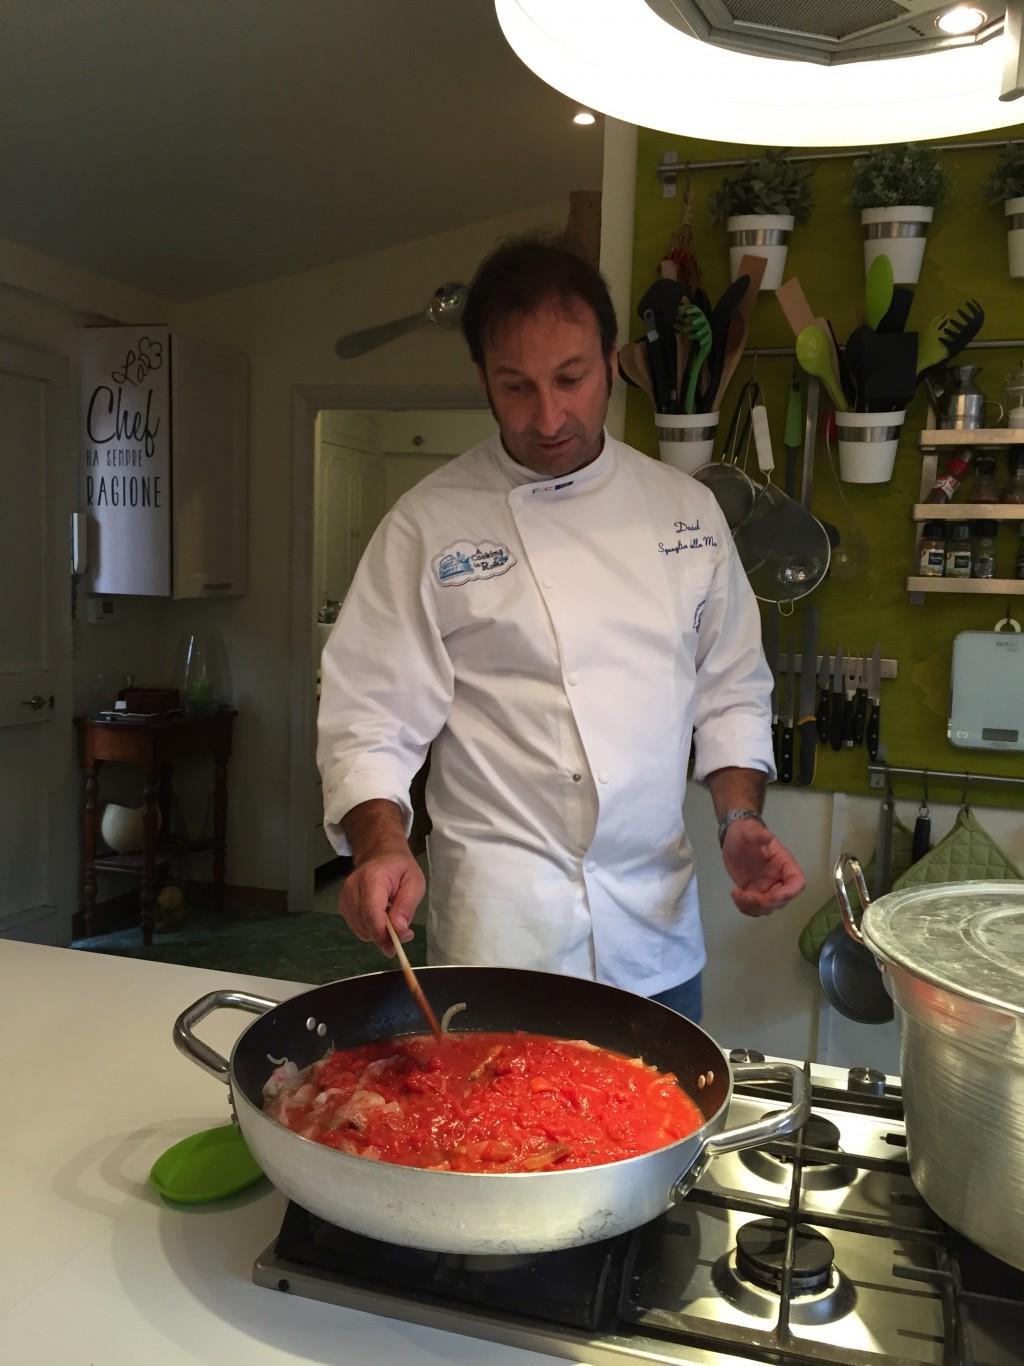 Rome En Mode Tourisme Culinaire Le Webzine Des Voyages Par - Cours de cuisine rome